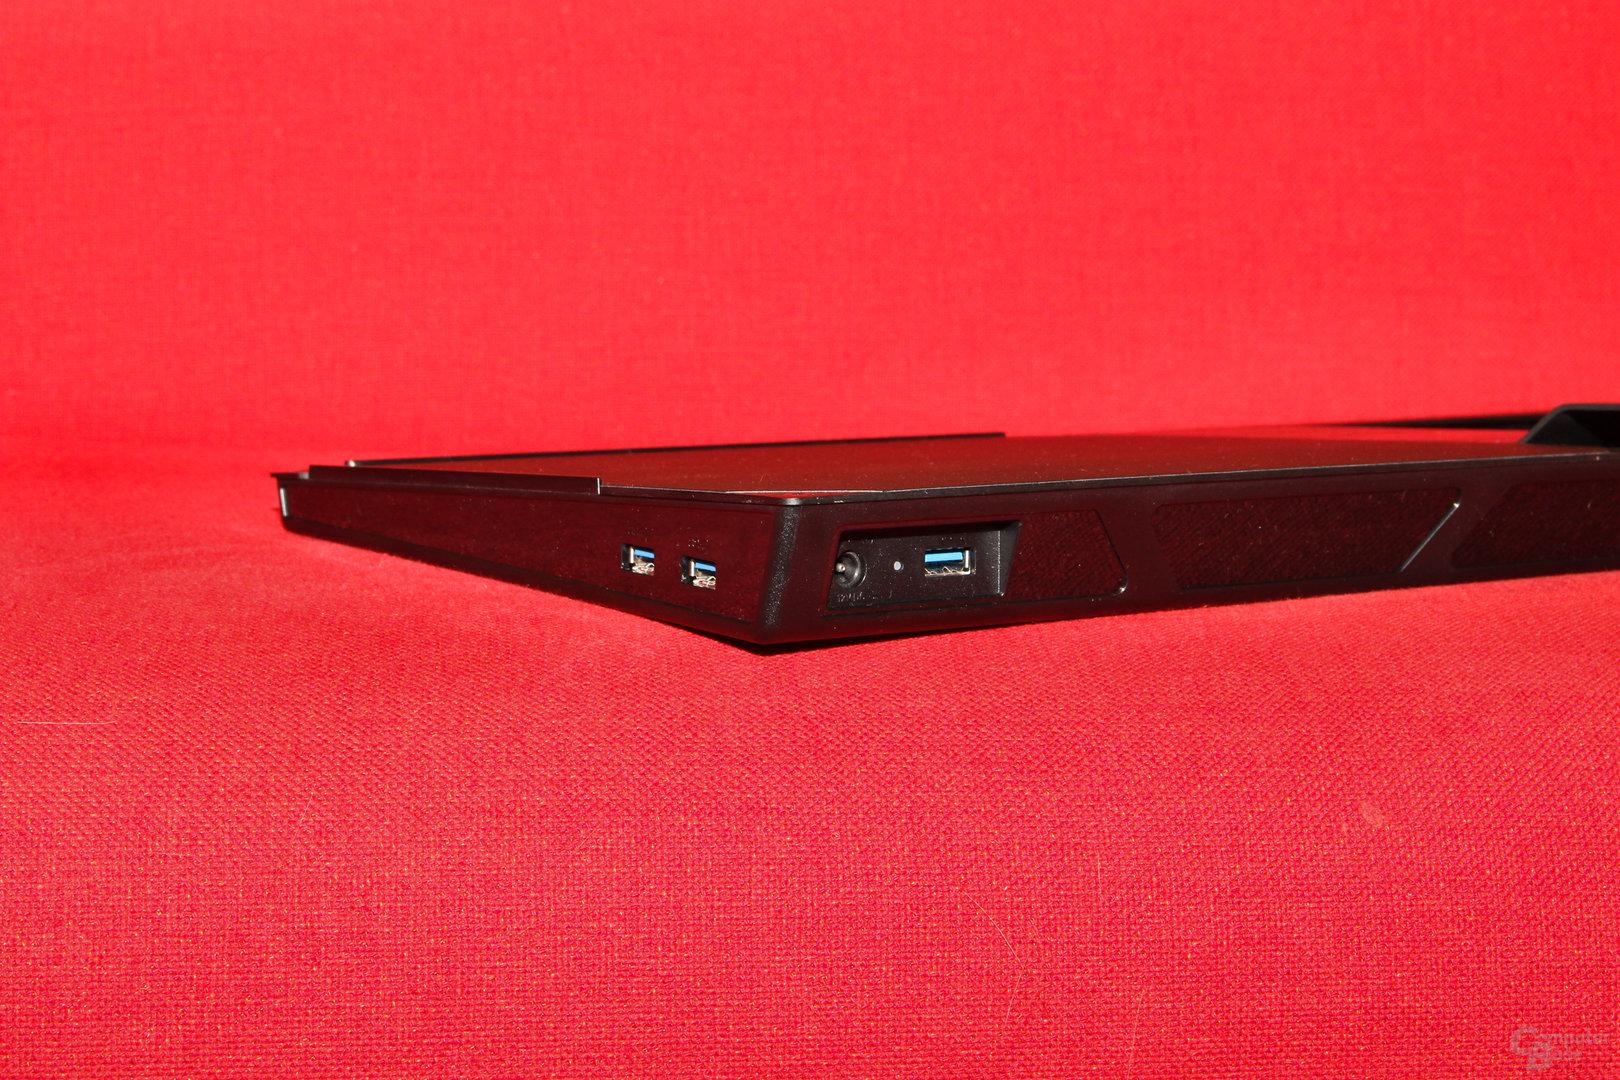 USB-Hub am Mauspad und Anschlüsse für das Datenkabel